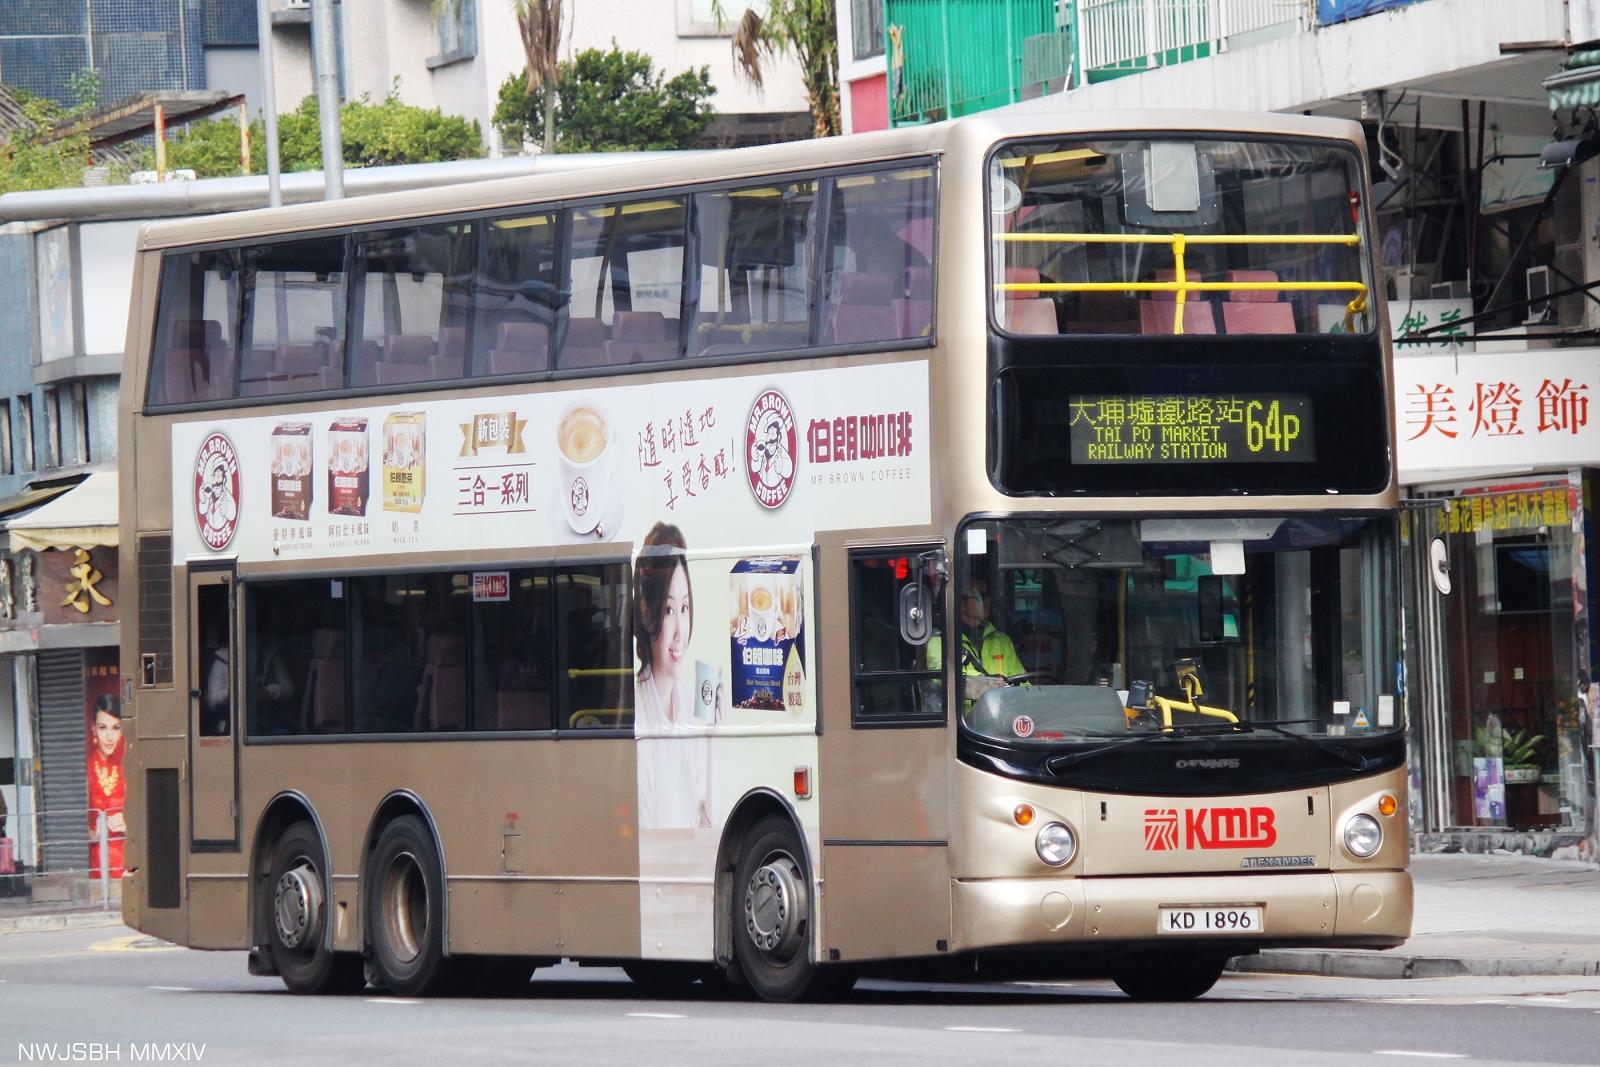 九巴64P線 (第一代)